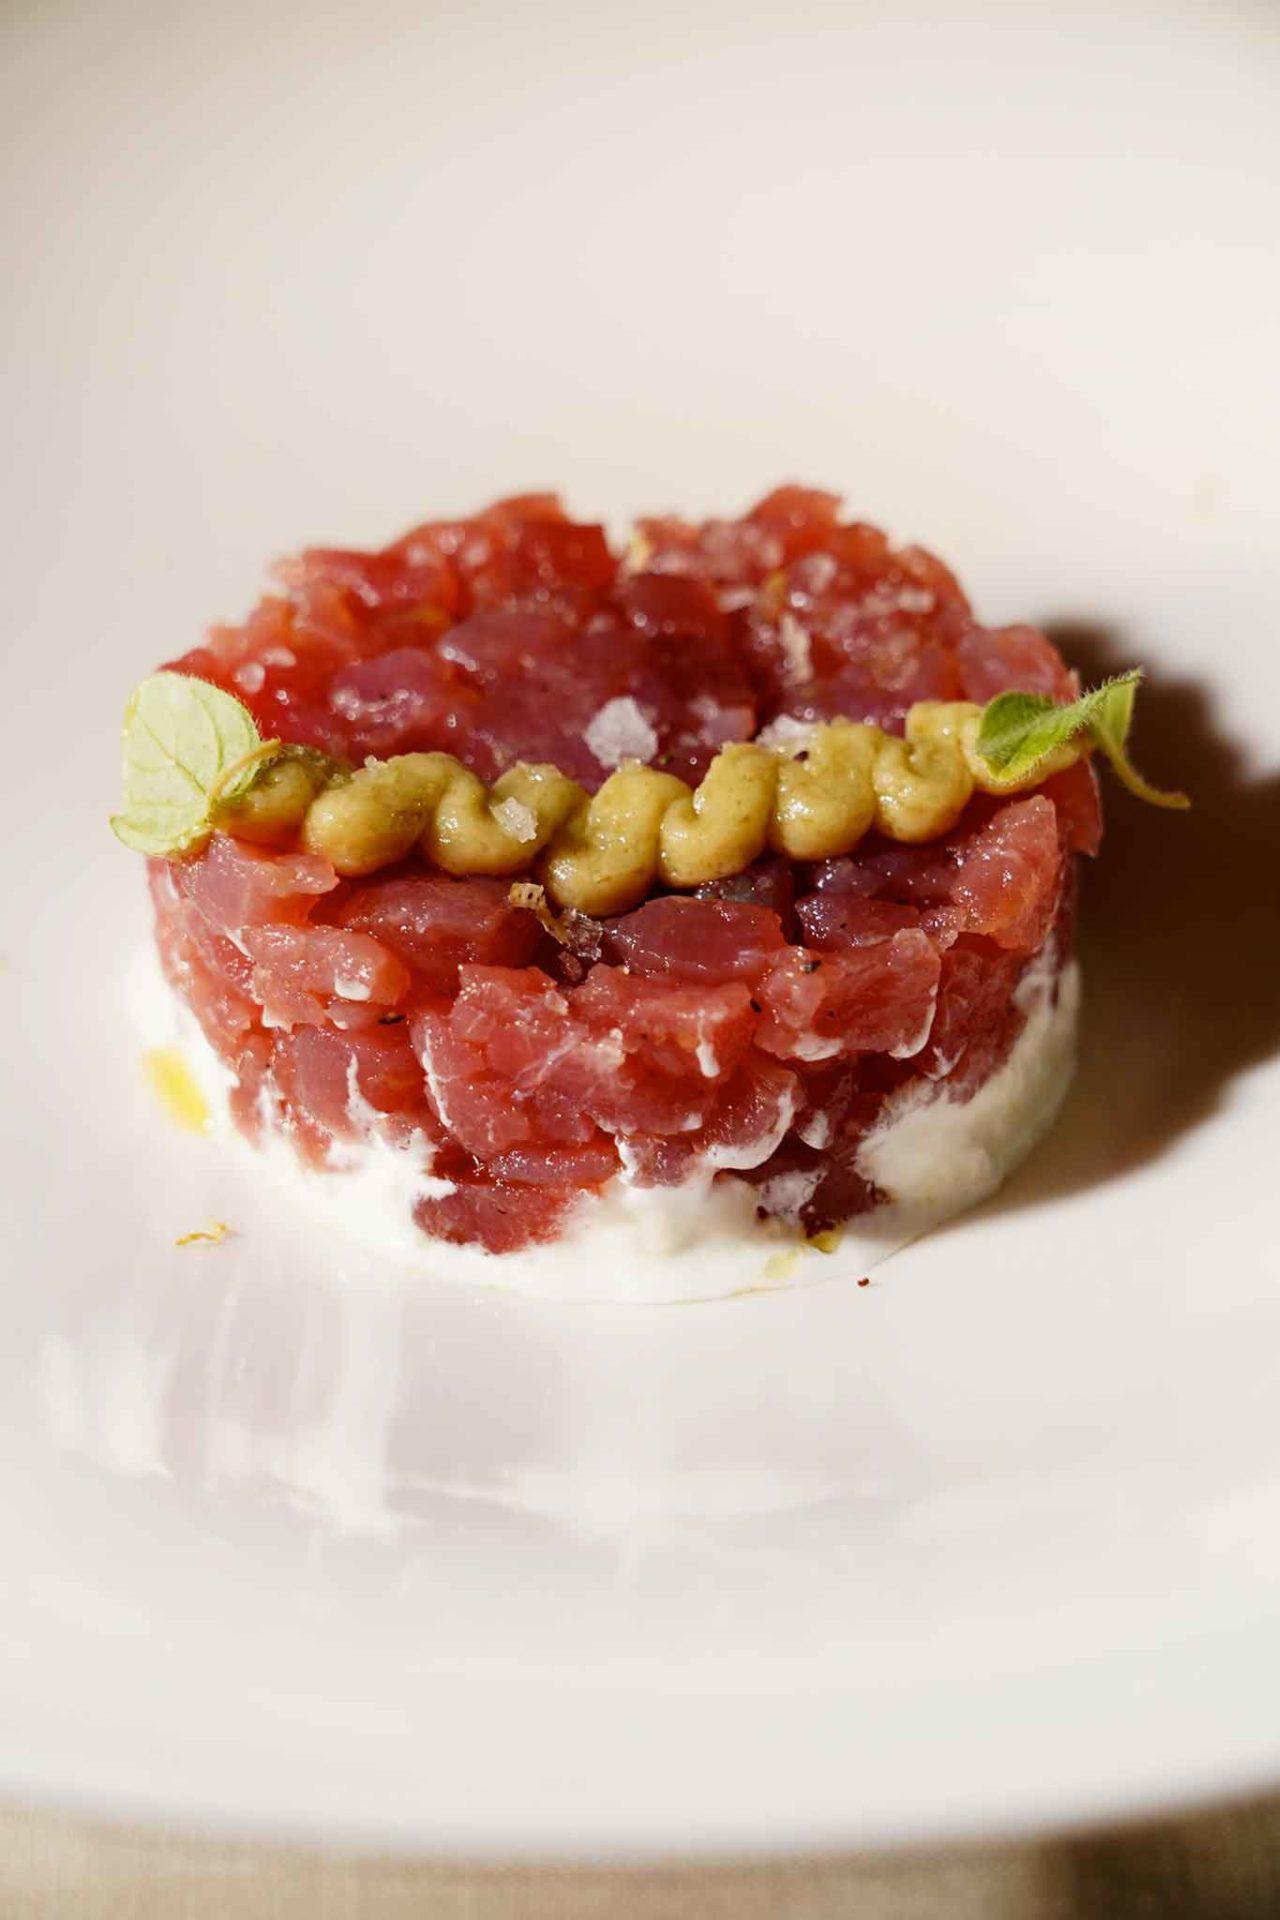 tartare di tonno Locanda le Tre Sorelle Casal Velino ristorante di pesce di Franca Feola